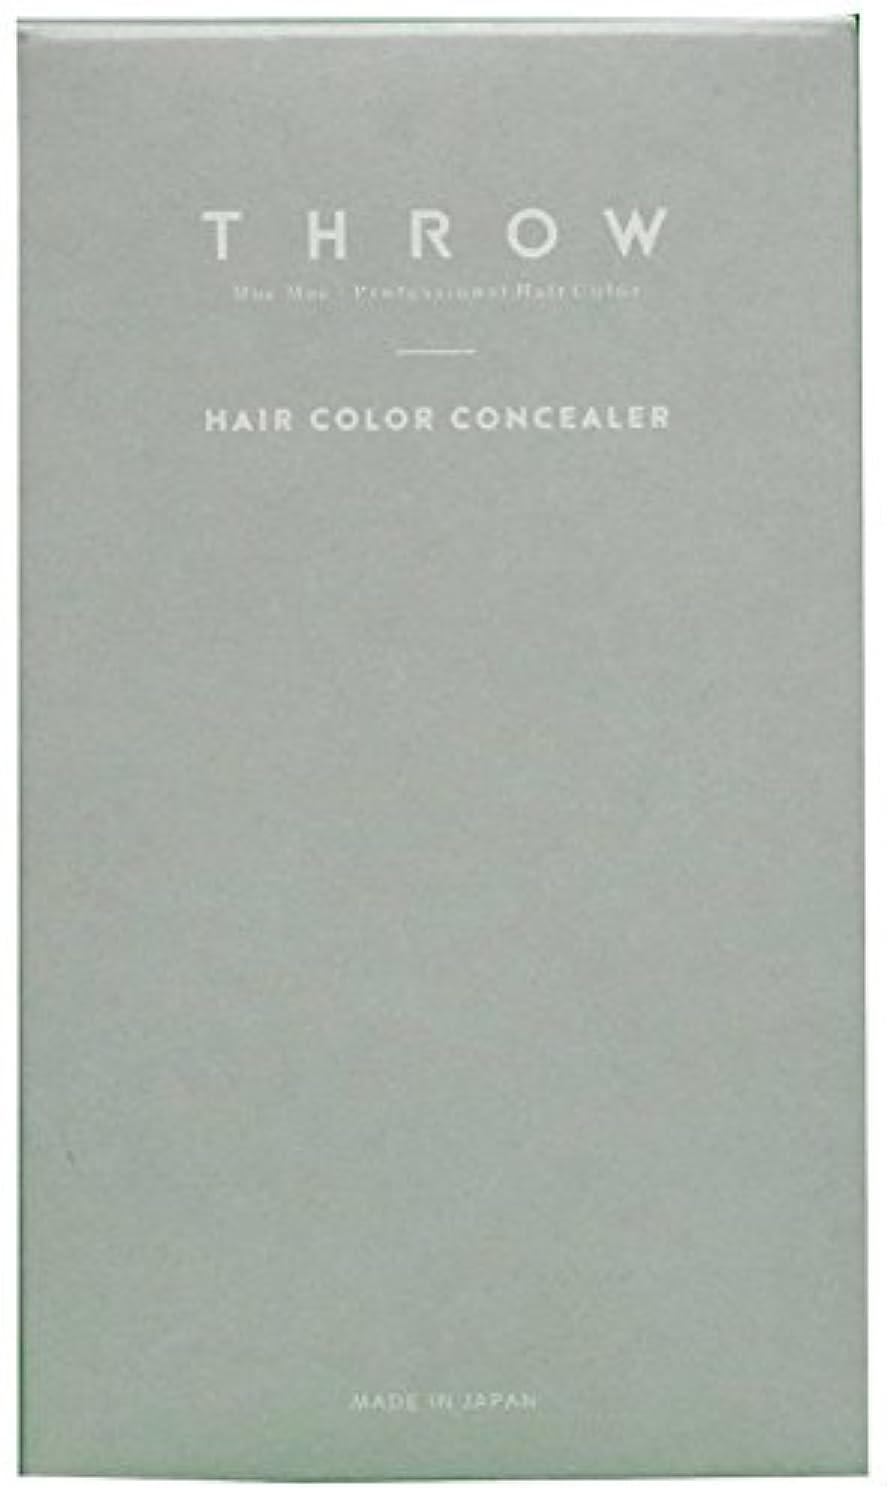 言い訳過言趣味スロウ ヘアカラーコンシーラー(ライトブラウンレギュラー)<毛髪着色料>専用パフ入り